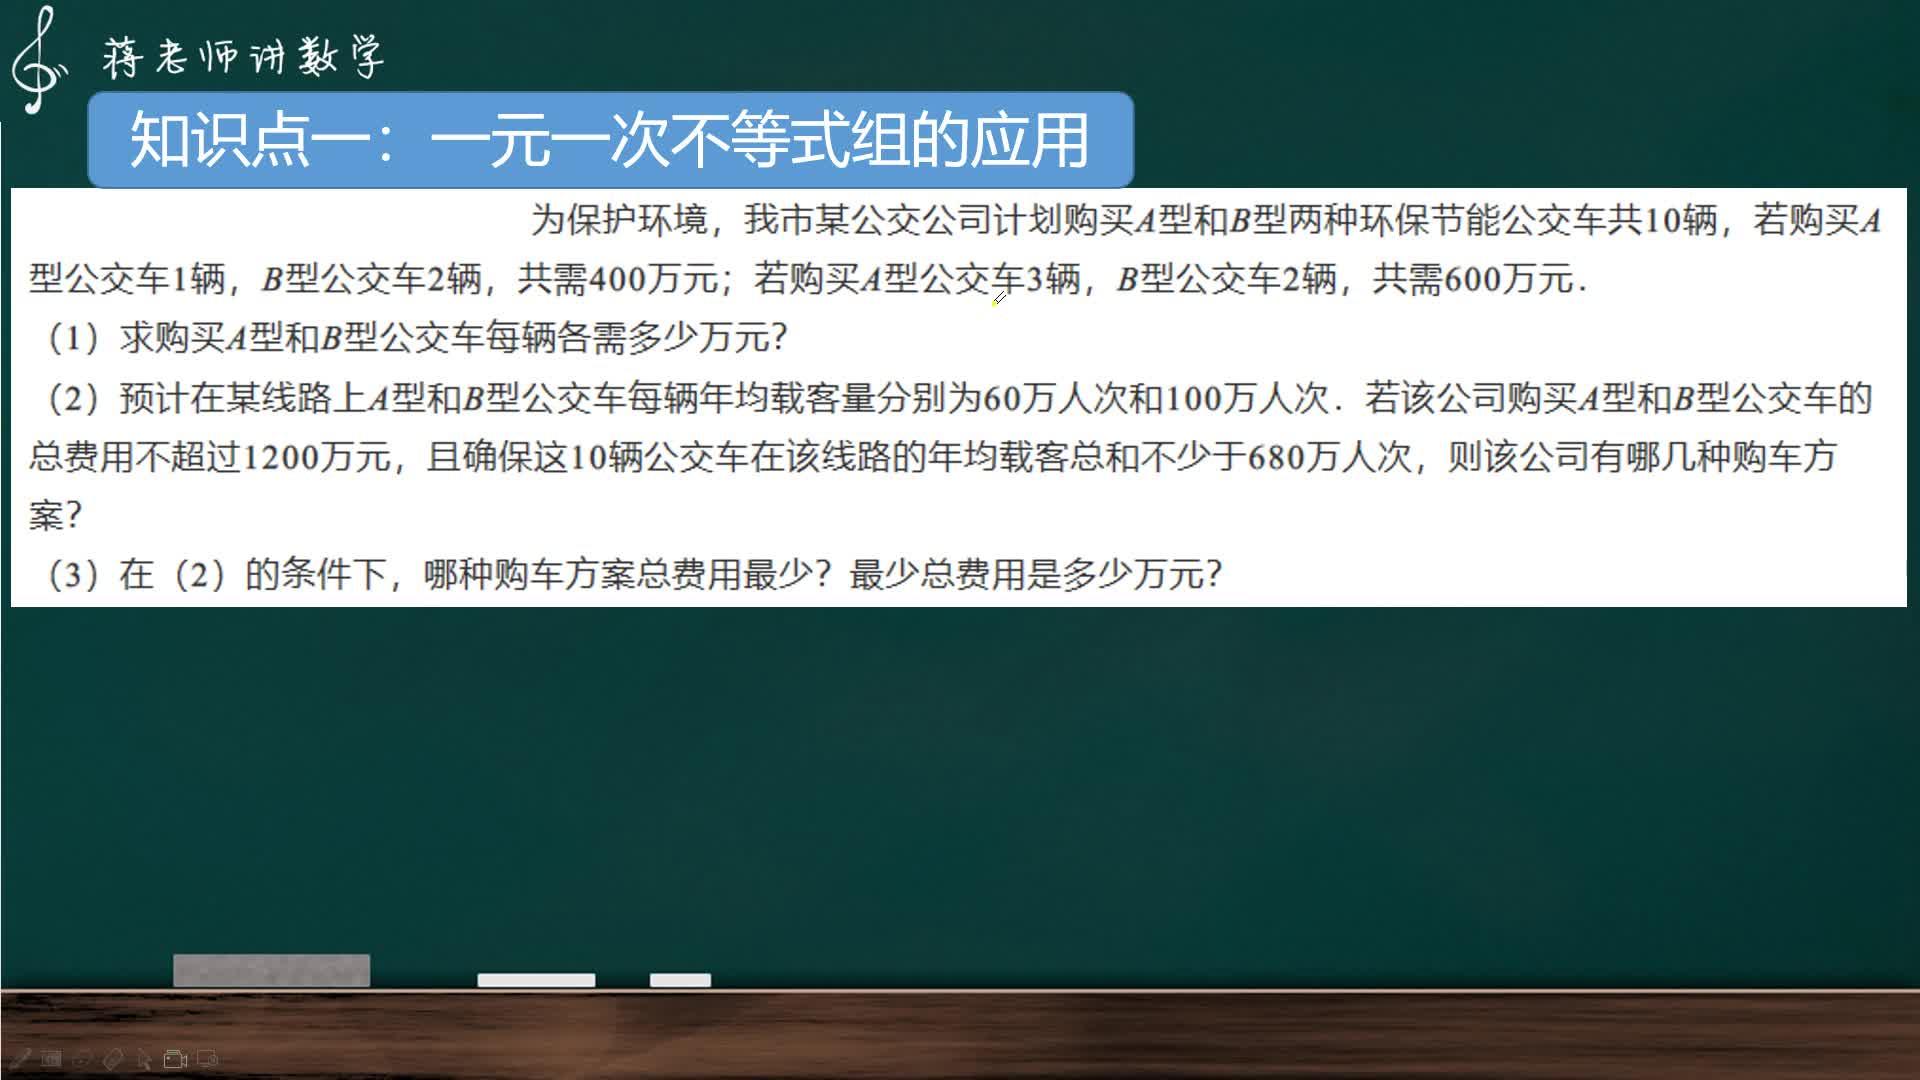 人教版 七年級下冊數學   9.3 一元一次不等式組應用 微課視頻